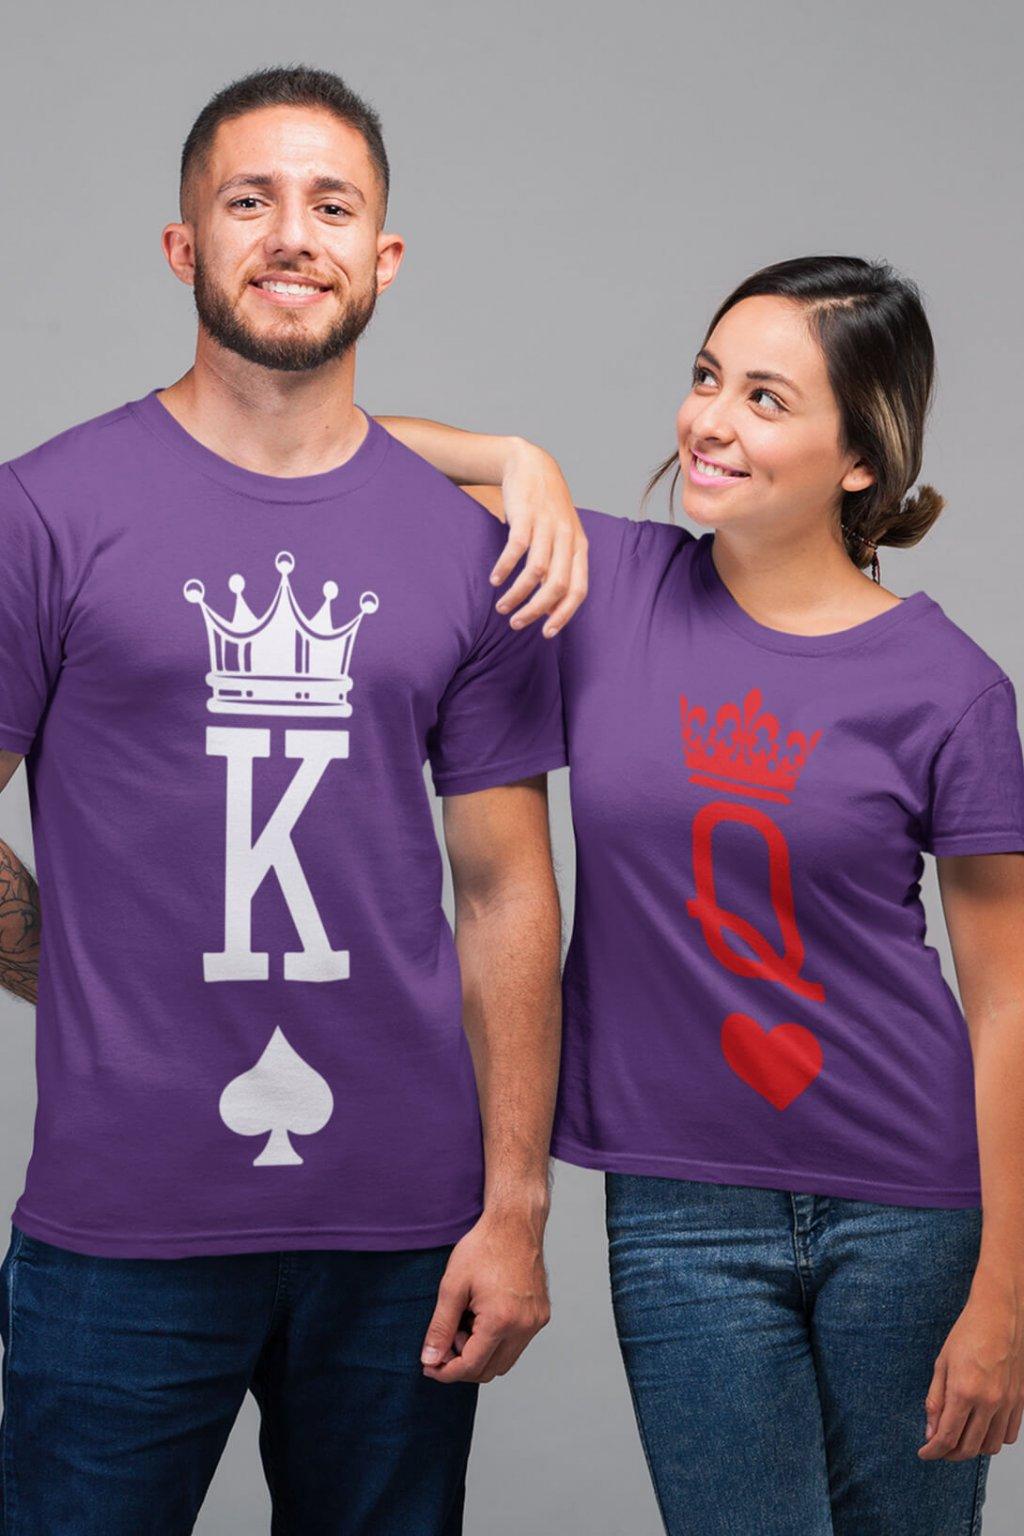 Tričká pre páry K a Q